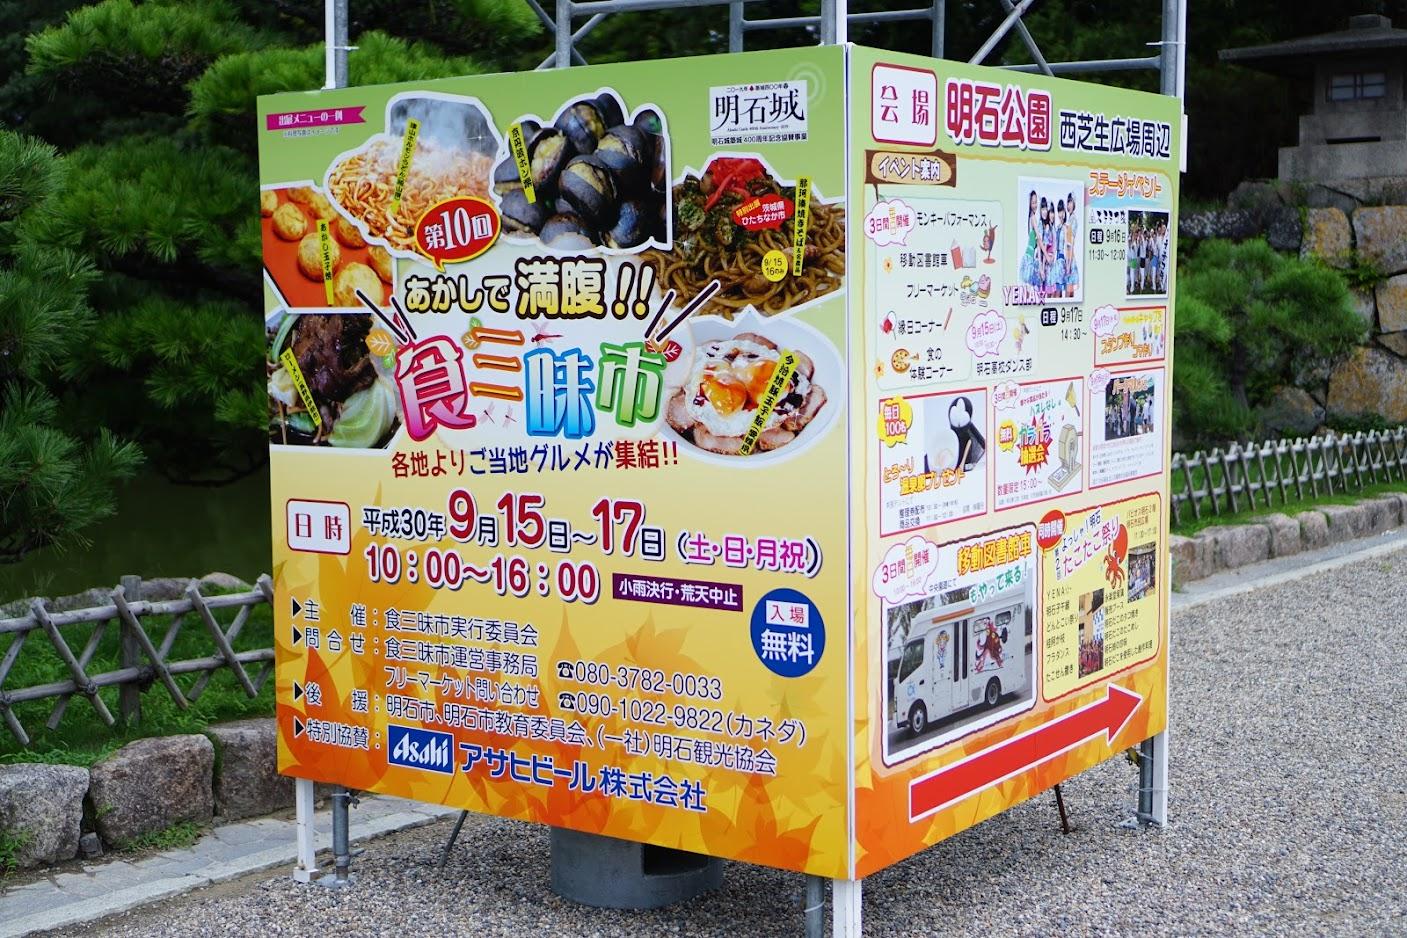 毎年9月はあかしで満腹!!食三昧市へ行ってきました!